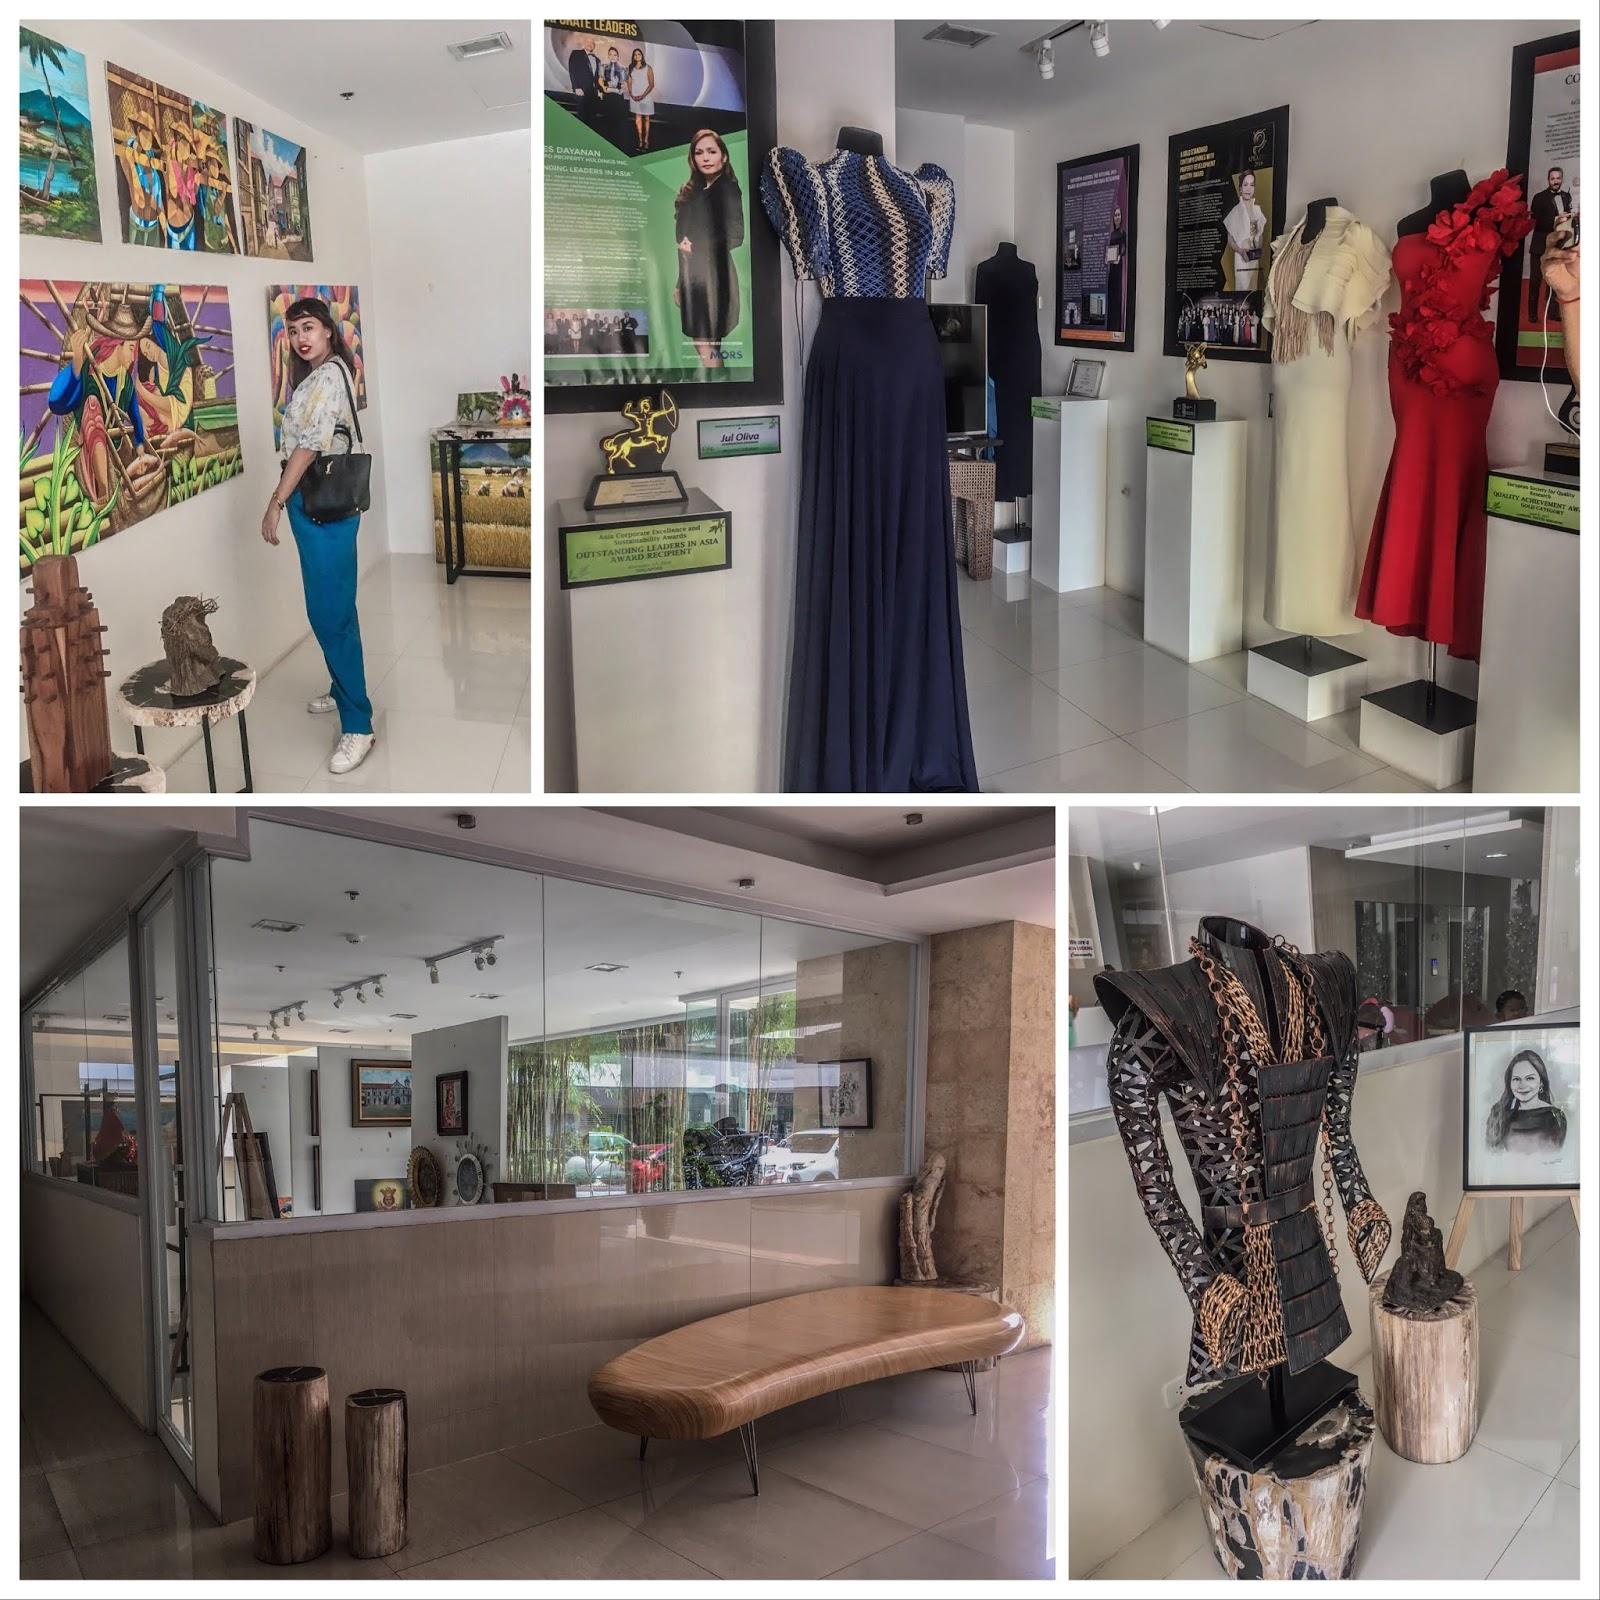 Bamboo Bay Community Mandaue Art Gallery